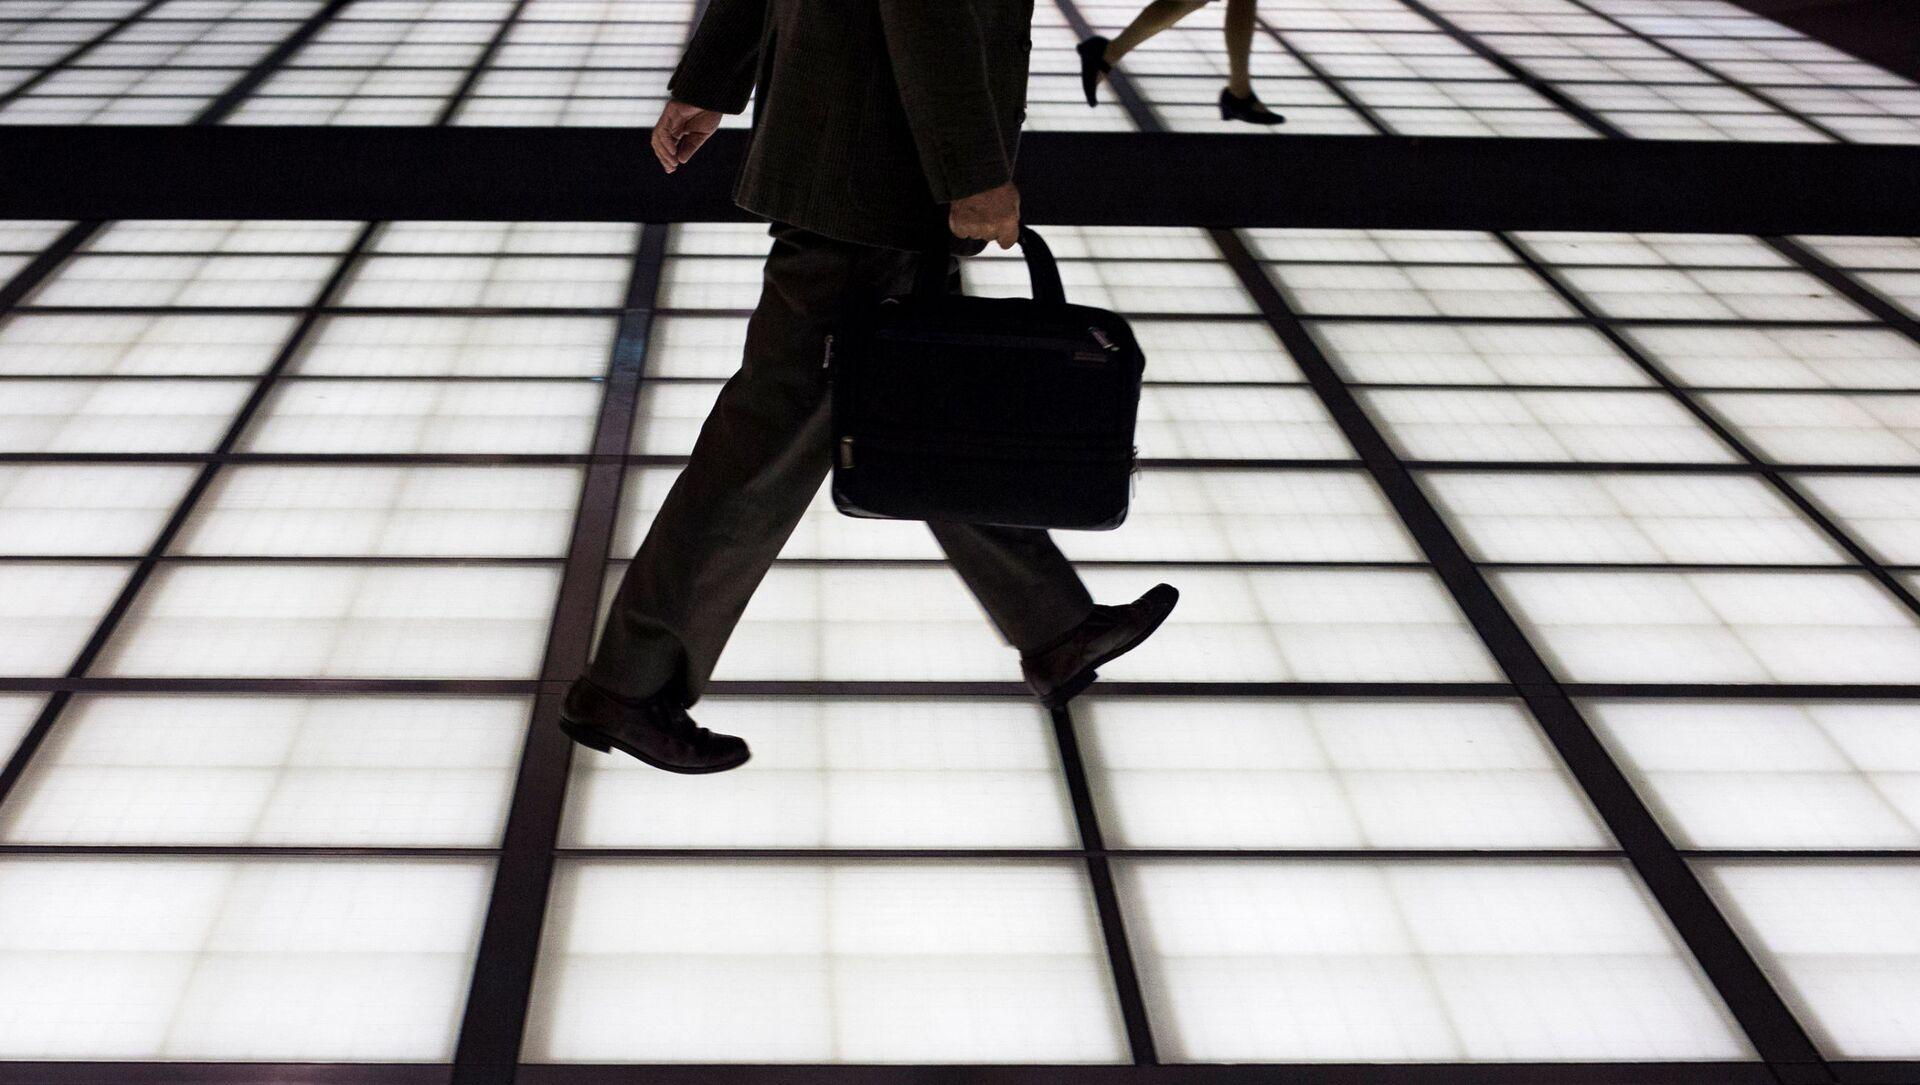 日本 男性国家公務員の育休取得率、初めて50%超える - Sputnik 日本, 1920, 06.10.2021